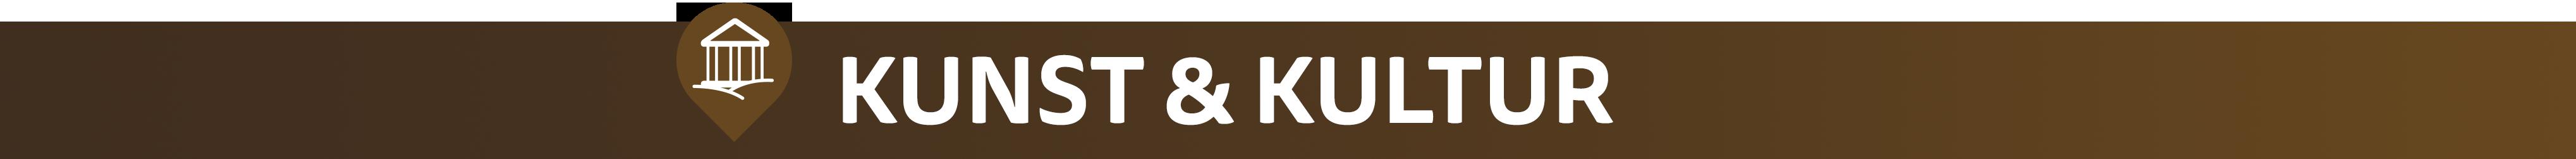 Desktop - Kunst & Kultur